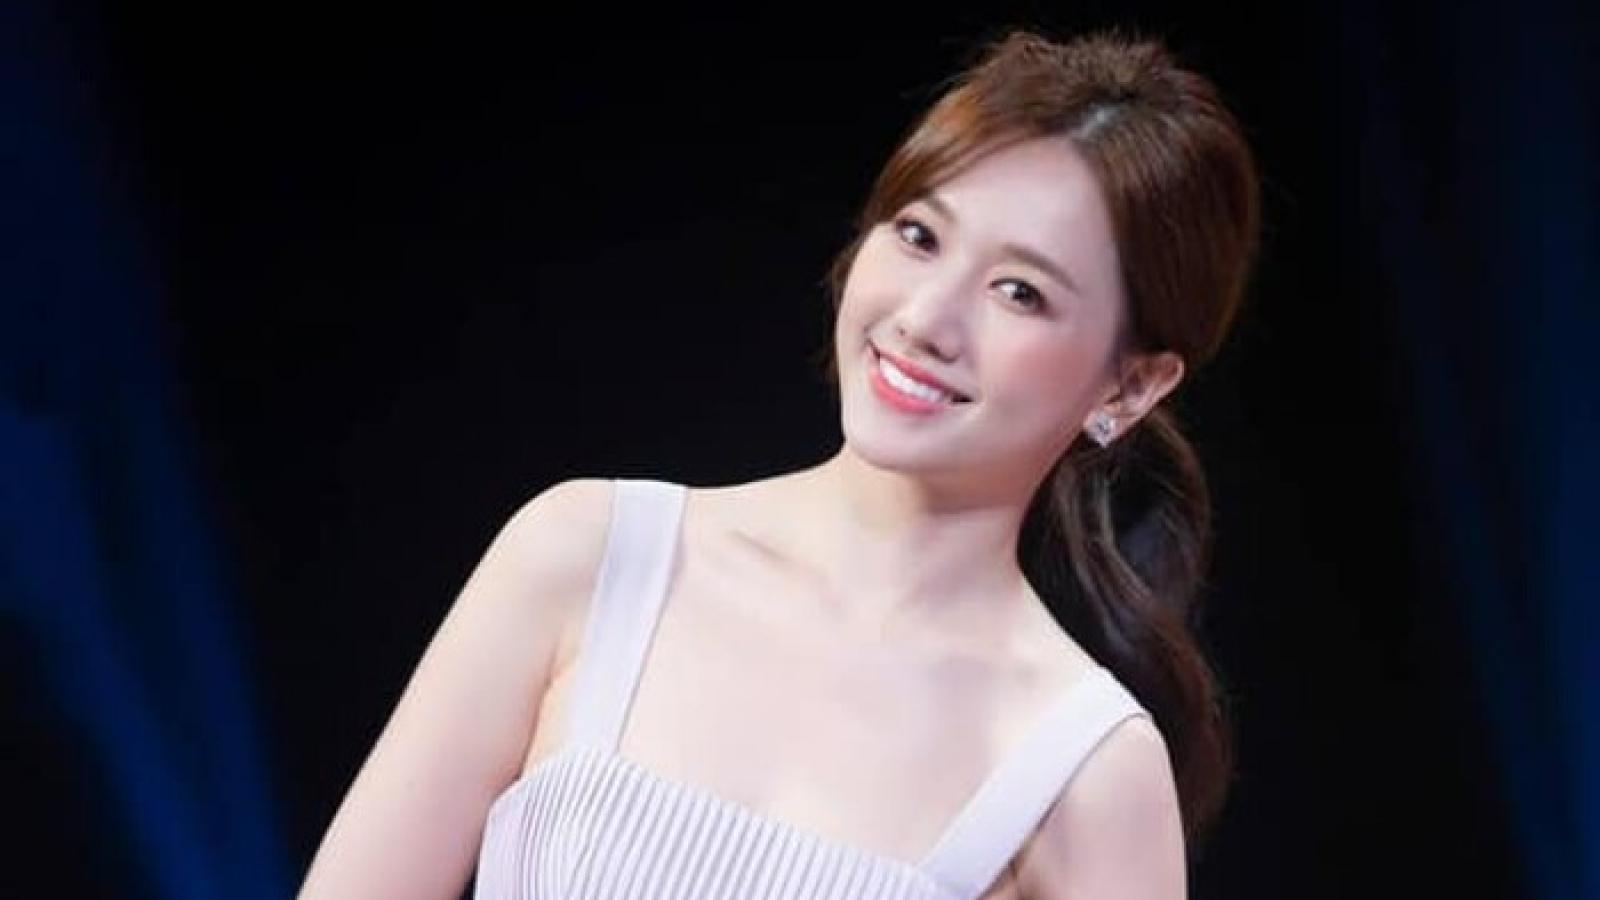 Chuyện showbiz: Hari Won trần tình làm rõ chuyện Trấn Thành làm từ thiện